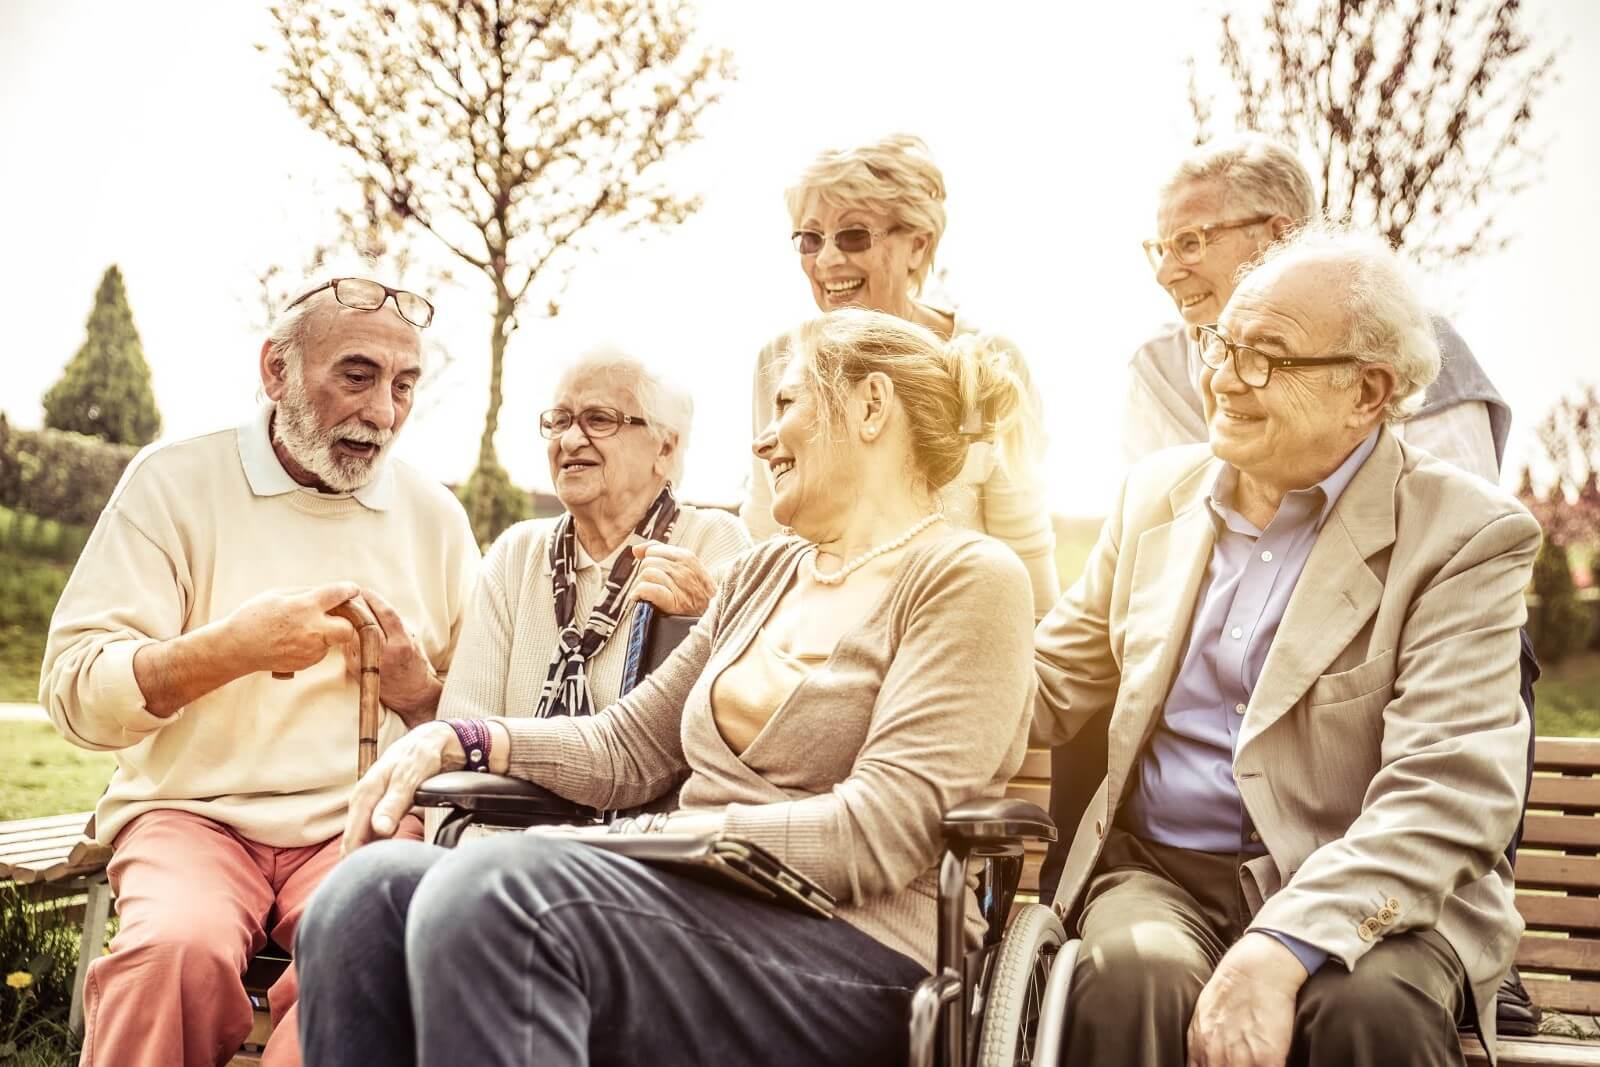 شکر میتواند حافظه و تعامل با دیگران را در افراد مسن افزایش دهد